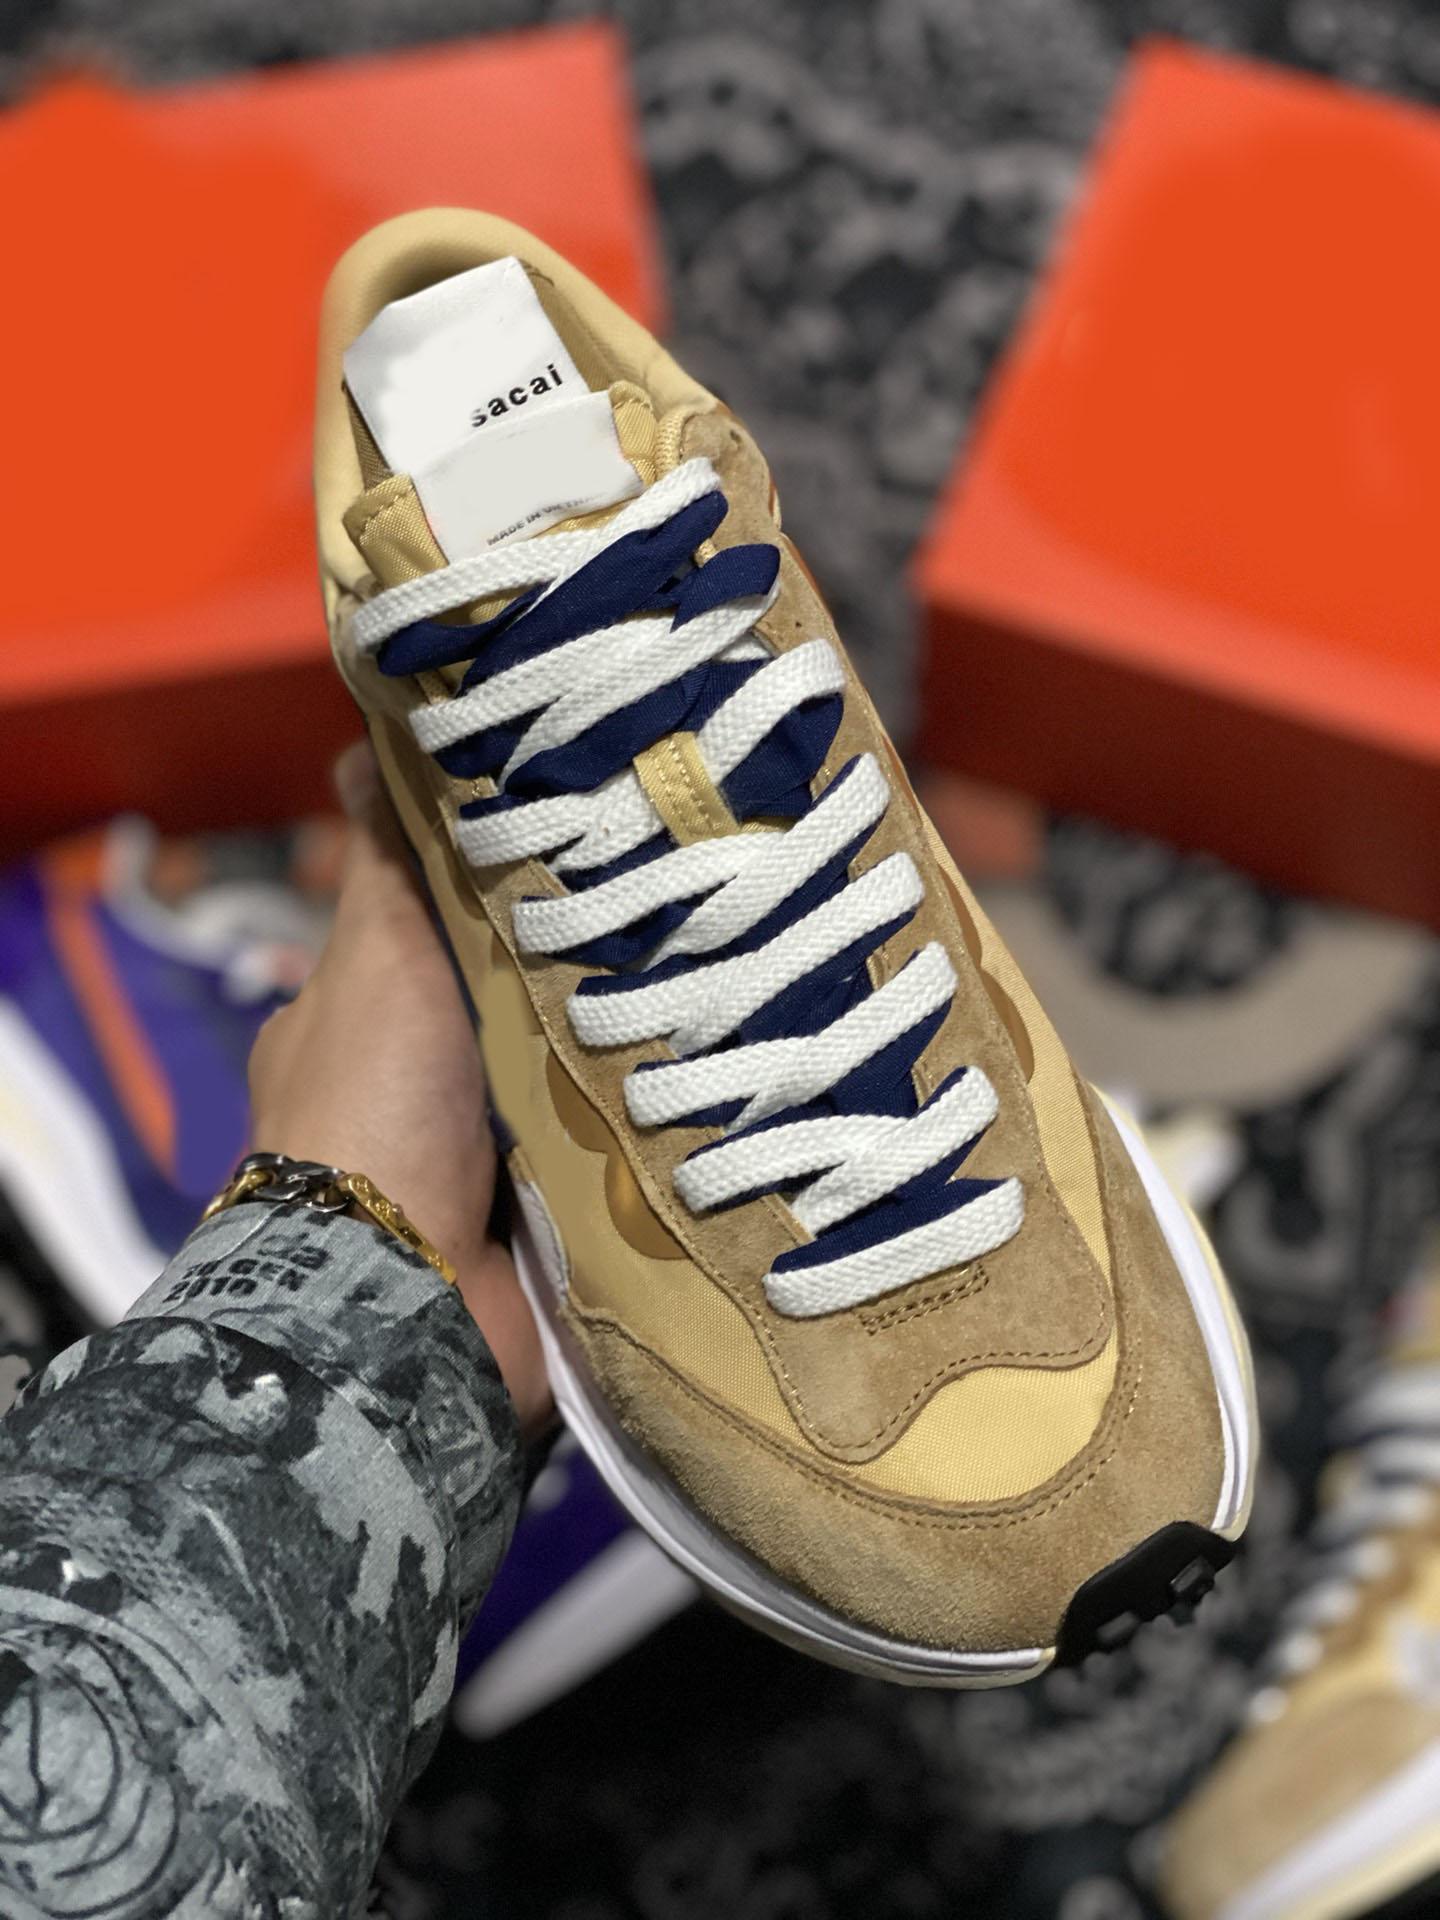 Лучшие подлинные Sacai Vaporwaffle мужские кроссовки Seaname Blue Void белый темный Iris Campfire Orange спортивная обувь с оригинальной коробкой